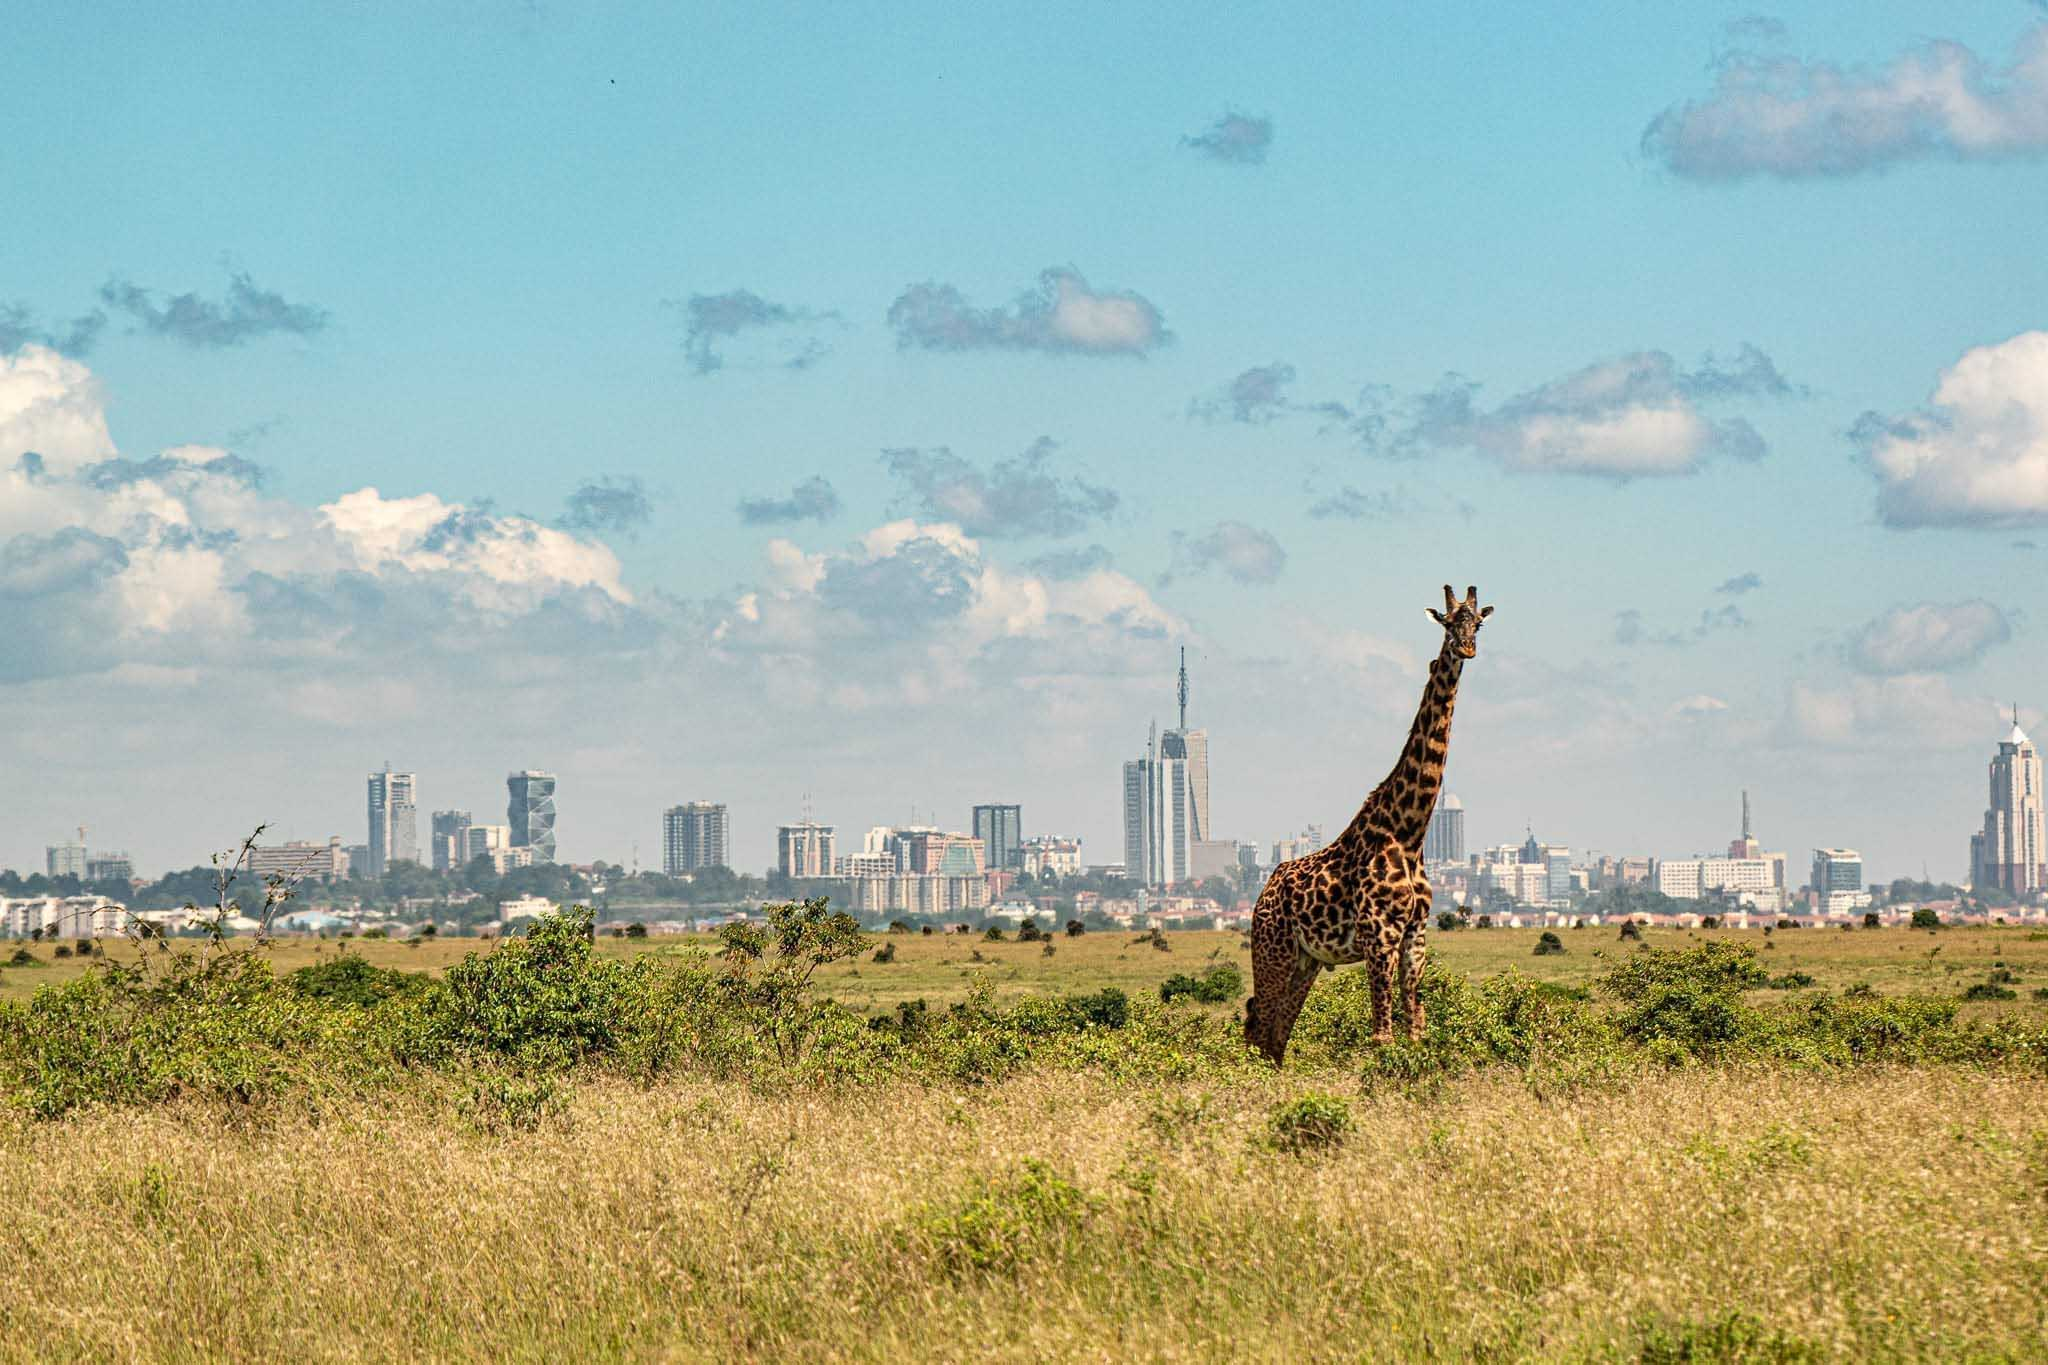 turister åka till kenya, nairobi national park